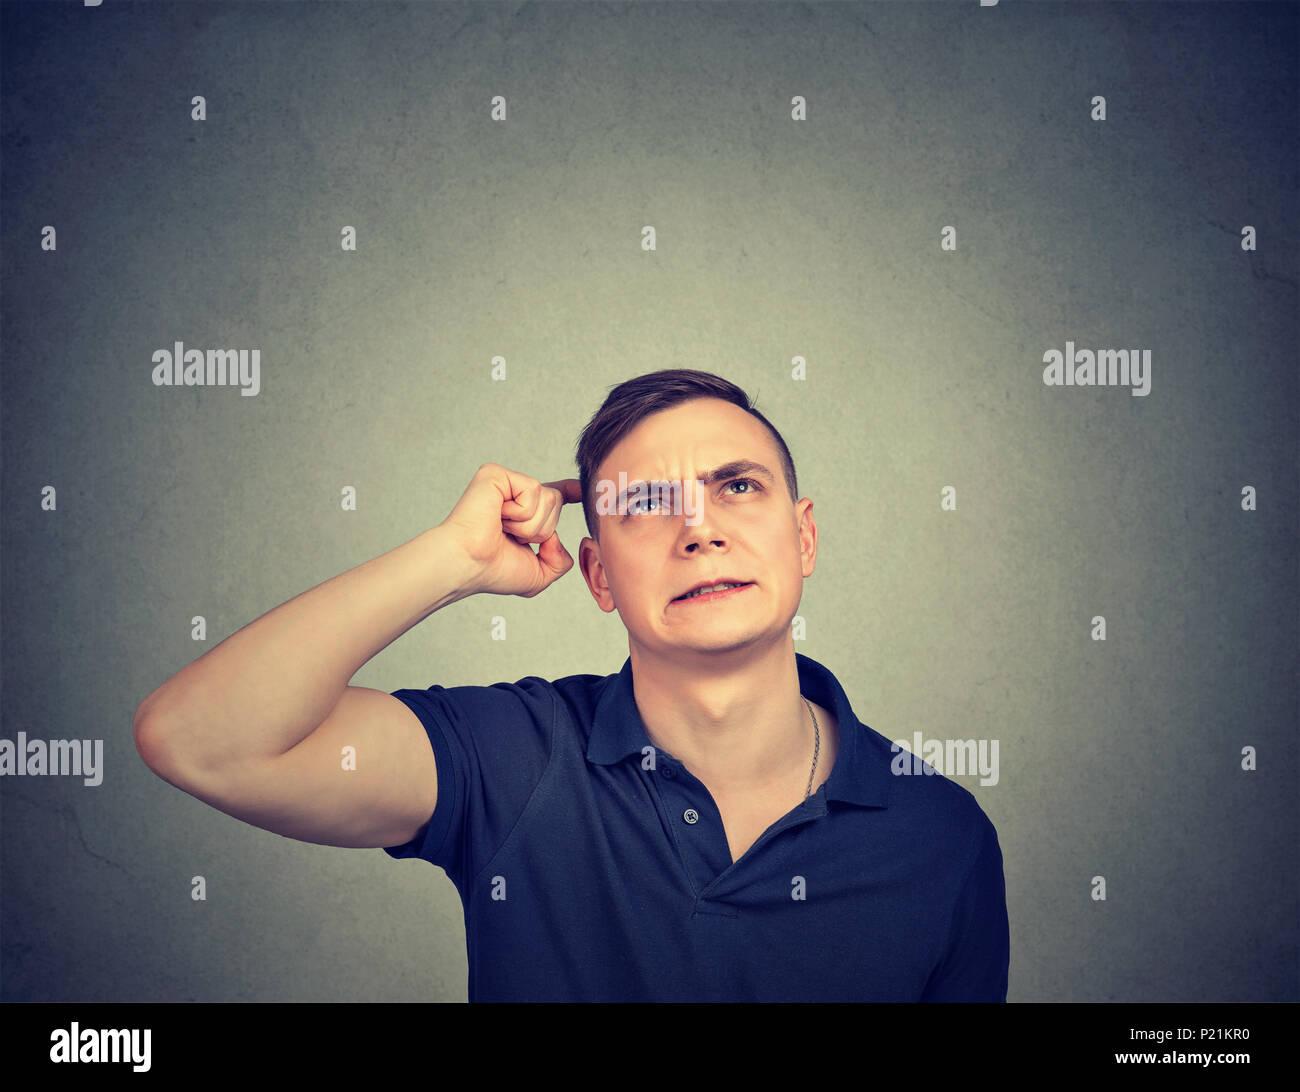 Closeup retrato hombre rascarse la cabeza, pensando en algo, mirando hacia arriba, aislados en la pared gris de fondo. Imagen De Stock